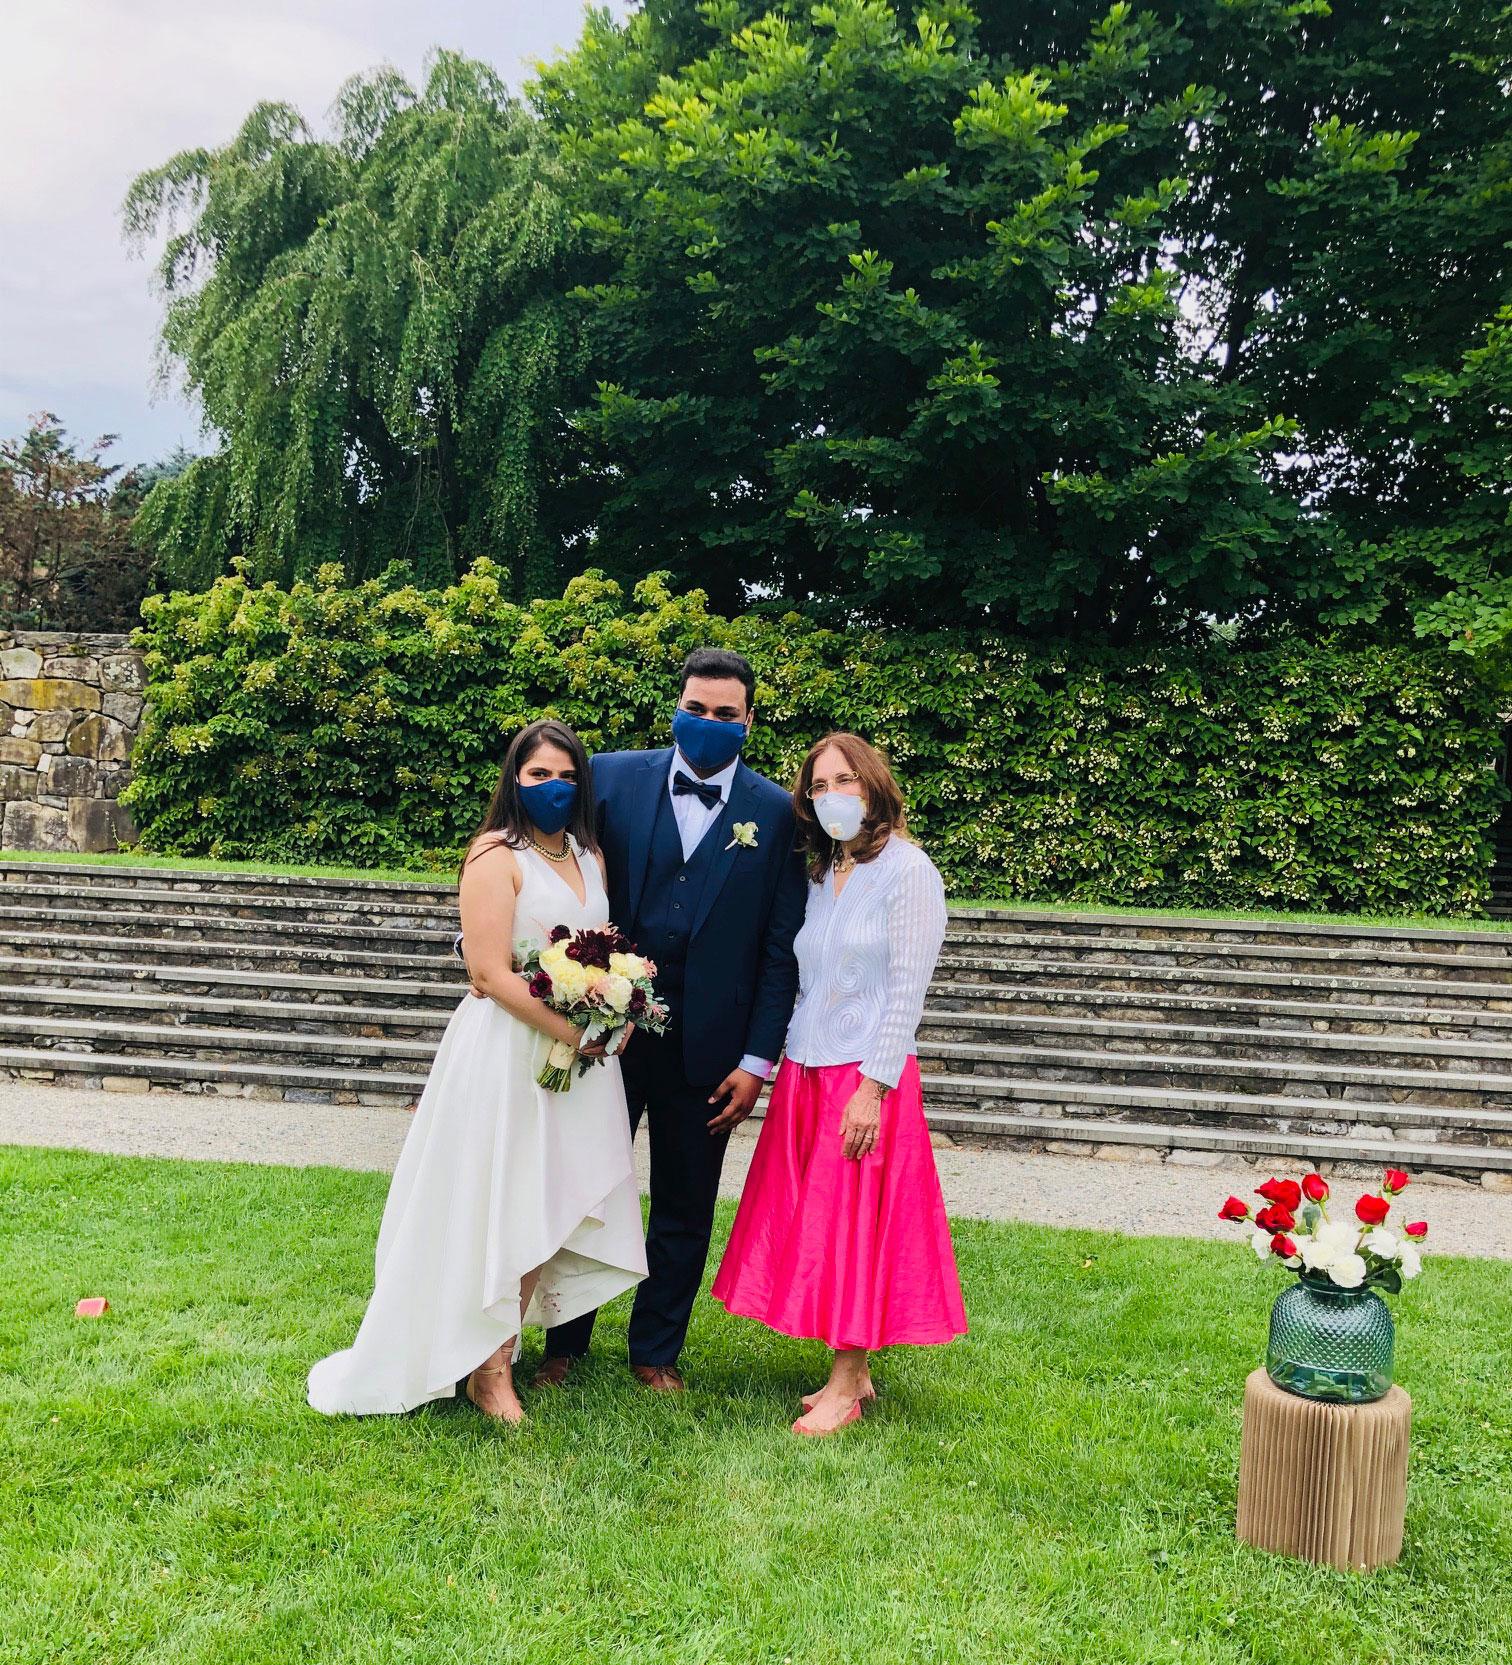 covid-wedding-boston-ma-04